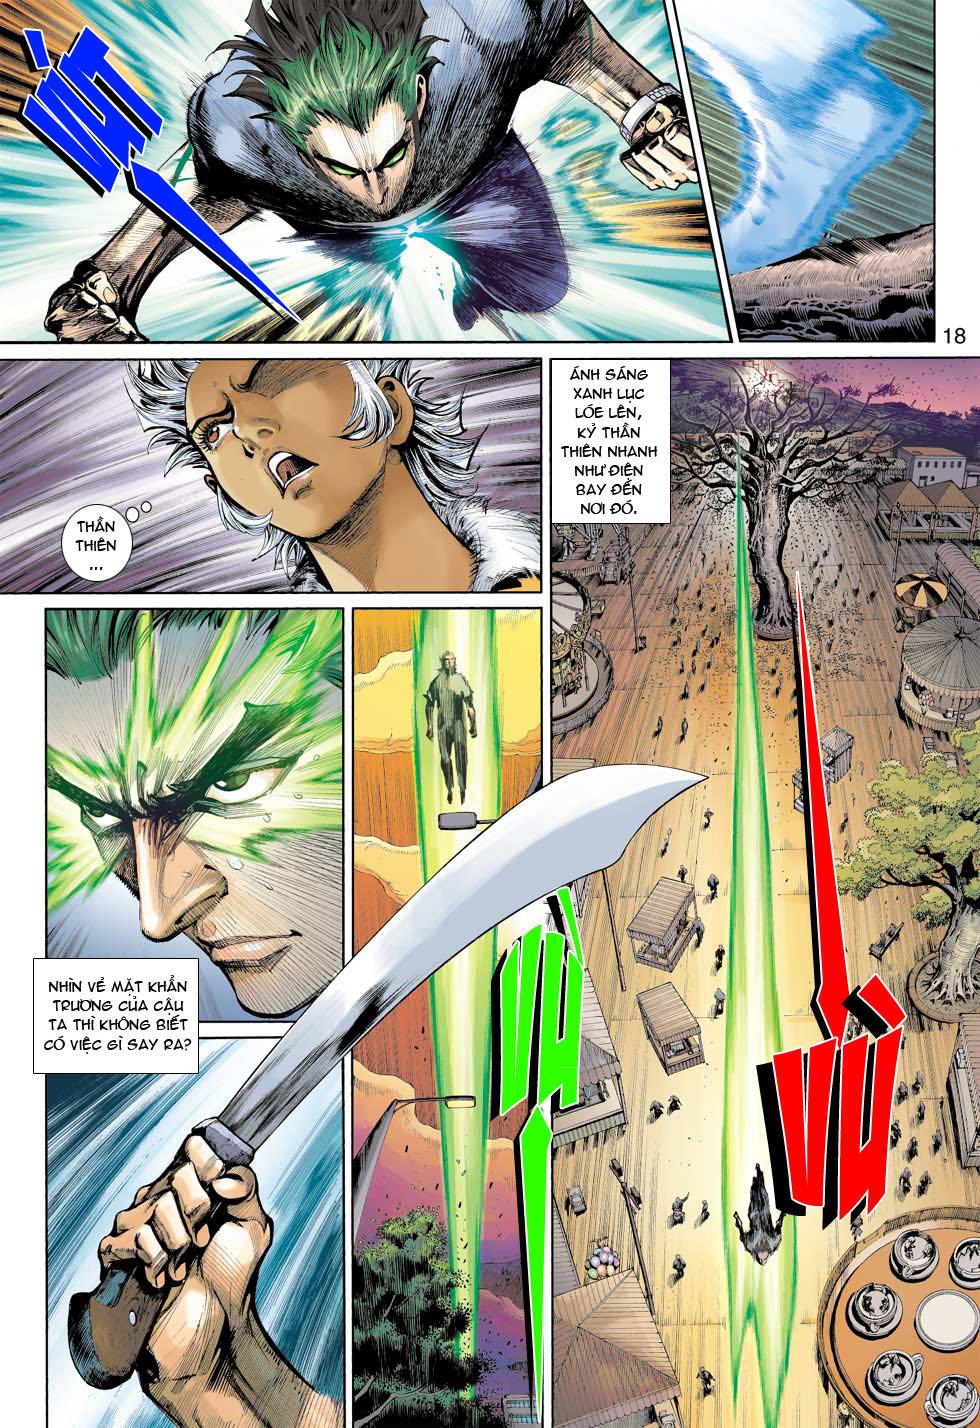 Thần Binh 4 chap 12 - Trang 19